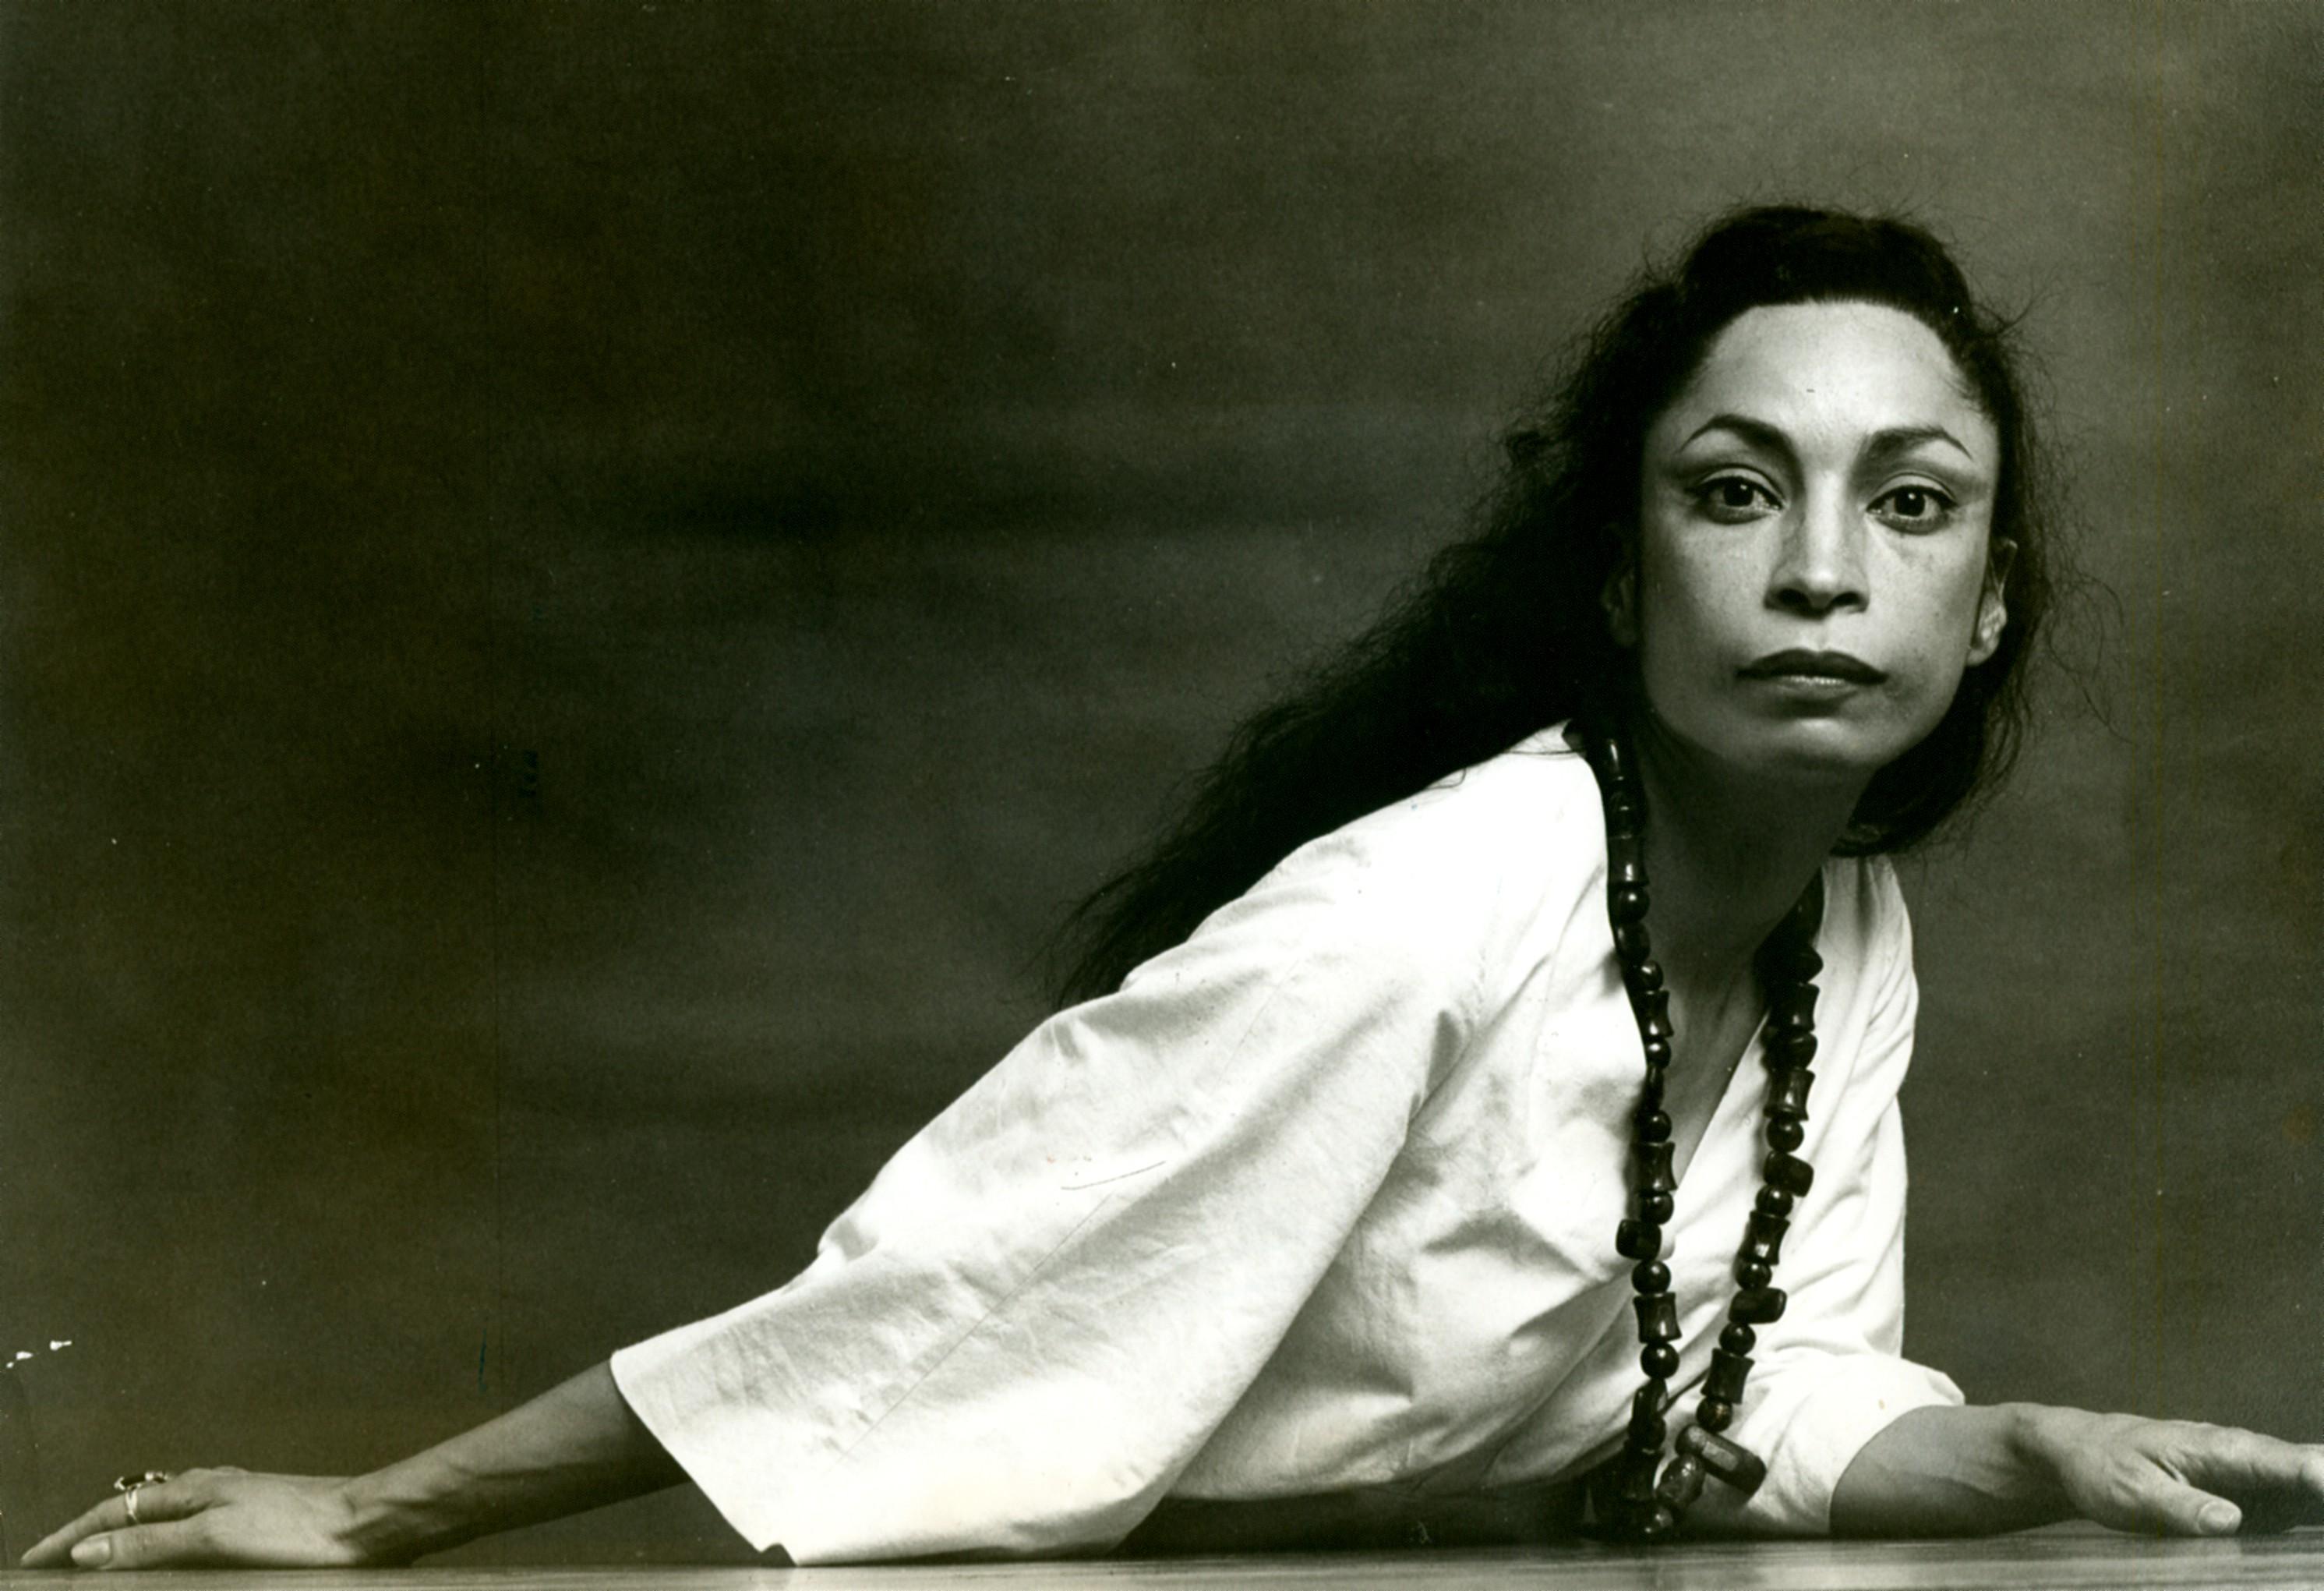 Falleció la bailarina venezolana Sonia Sanoja